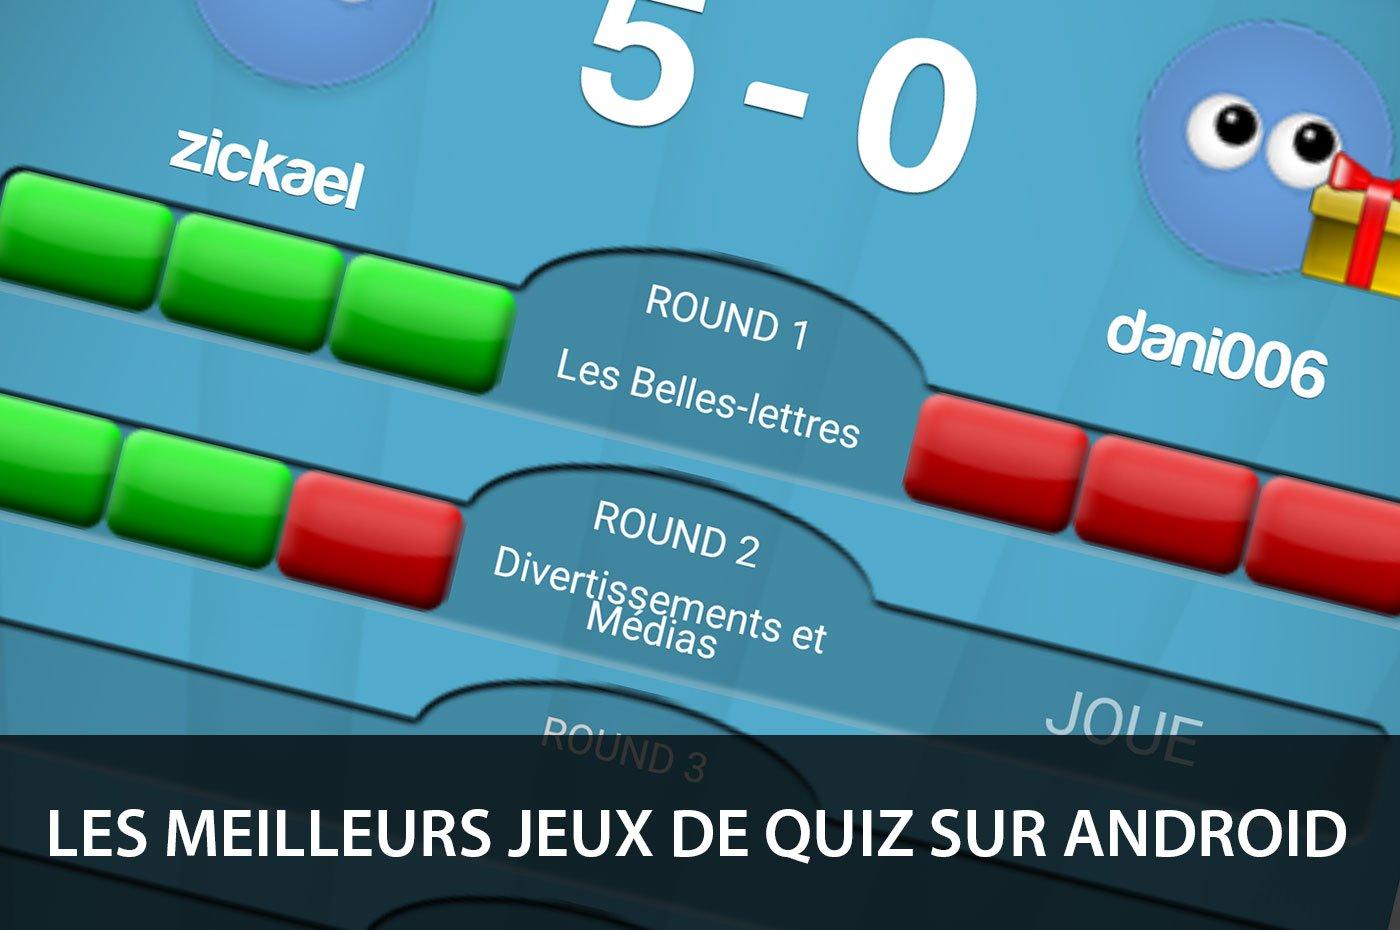 Les Meilleurs Jeux De Quiz Sur Smartphones Et Tablettes Android concernant Jeu Culture Générale En Ligne